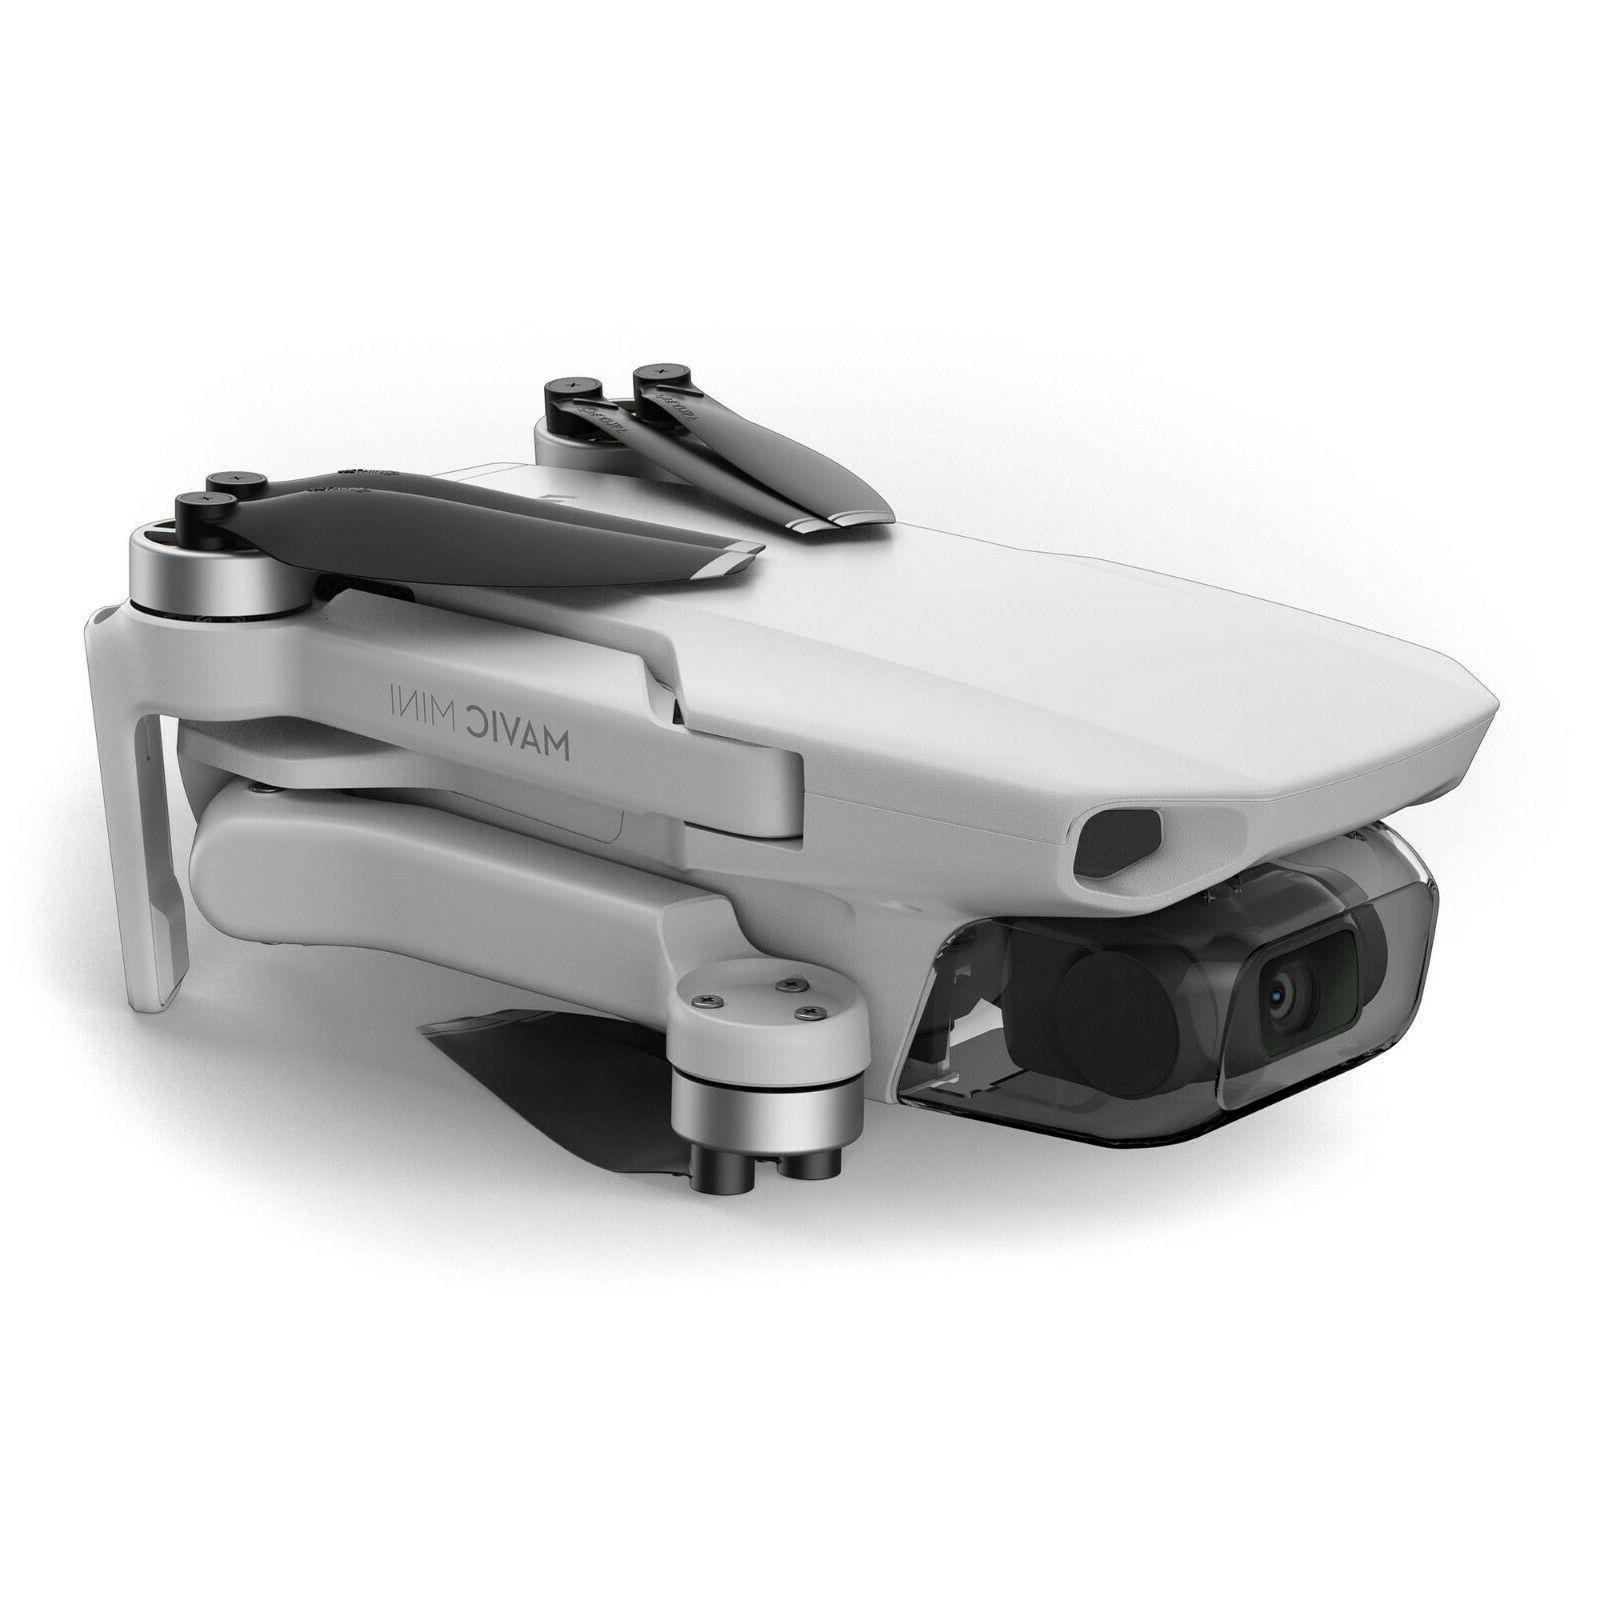 DJI Mavic Mini More Drone Quadcopter Ultimate